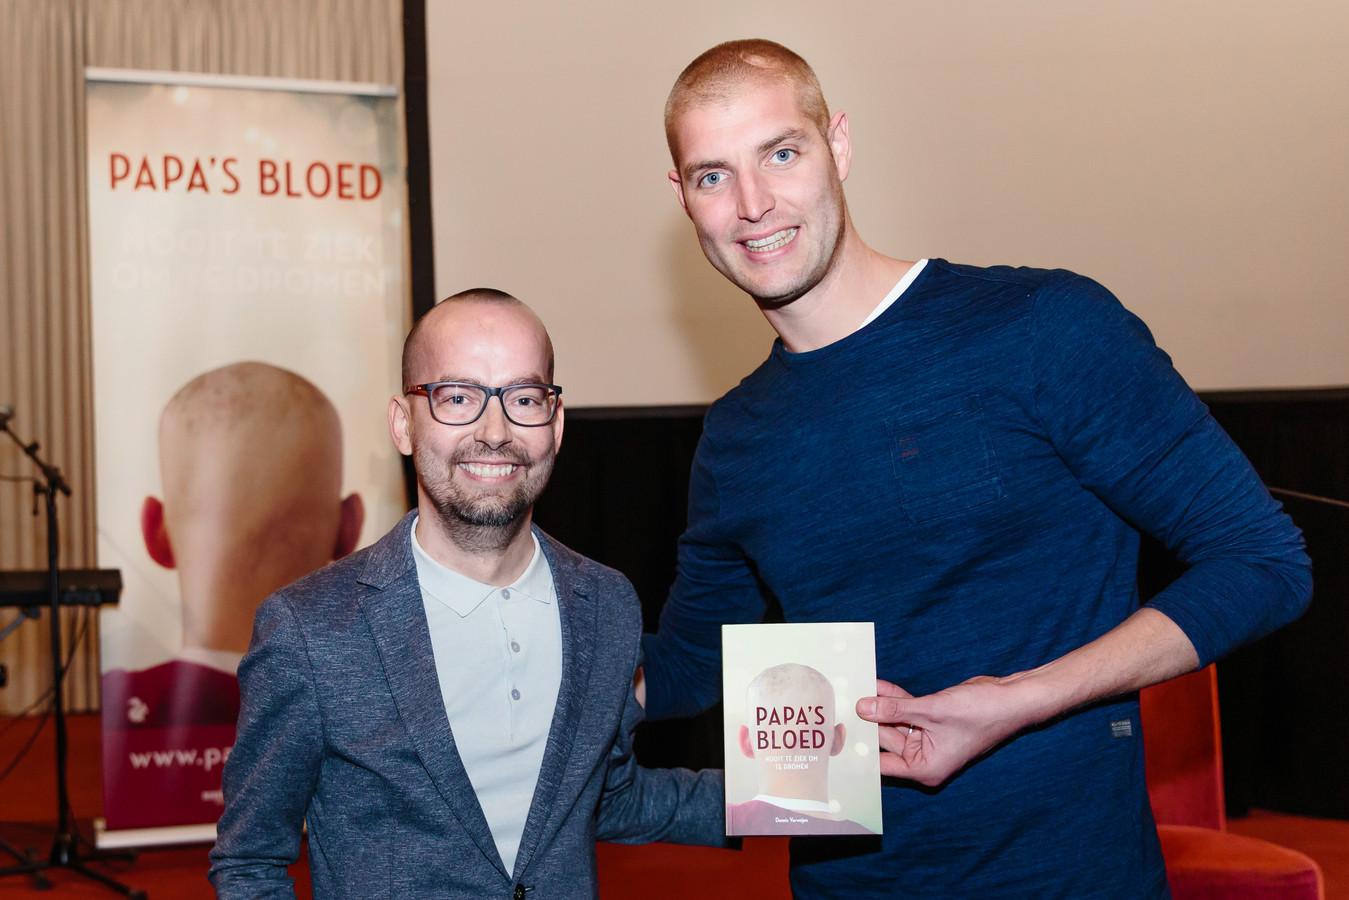 Dennis Verweijen met Maarten van der Weijden en het eerste exemplaar van het boek Papa's Bloed in ontvangst nemen. foto: eigen foto